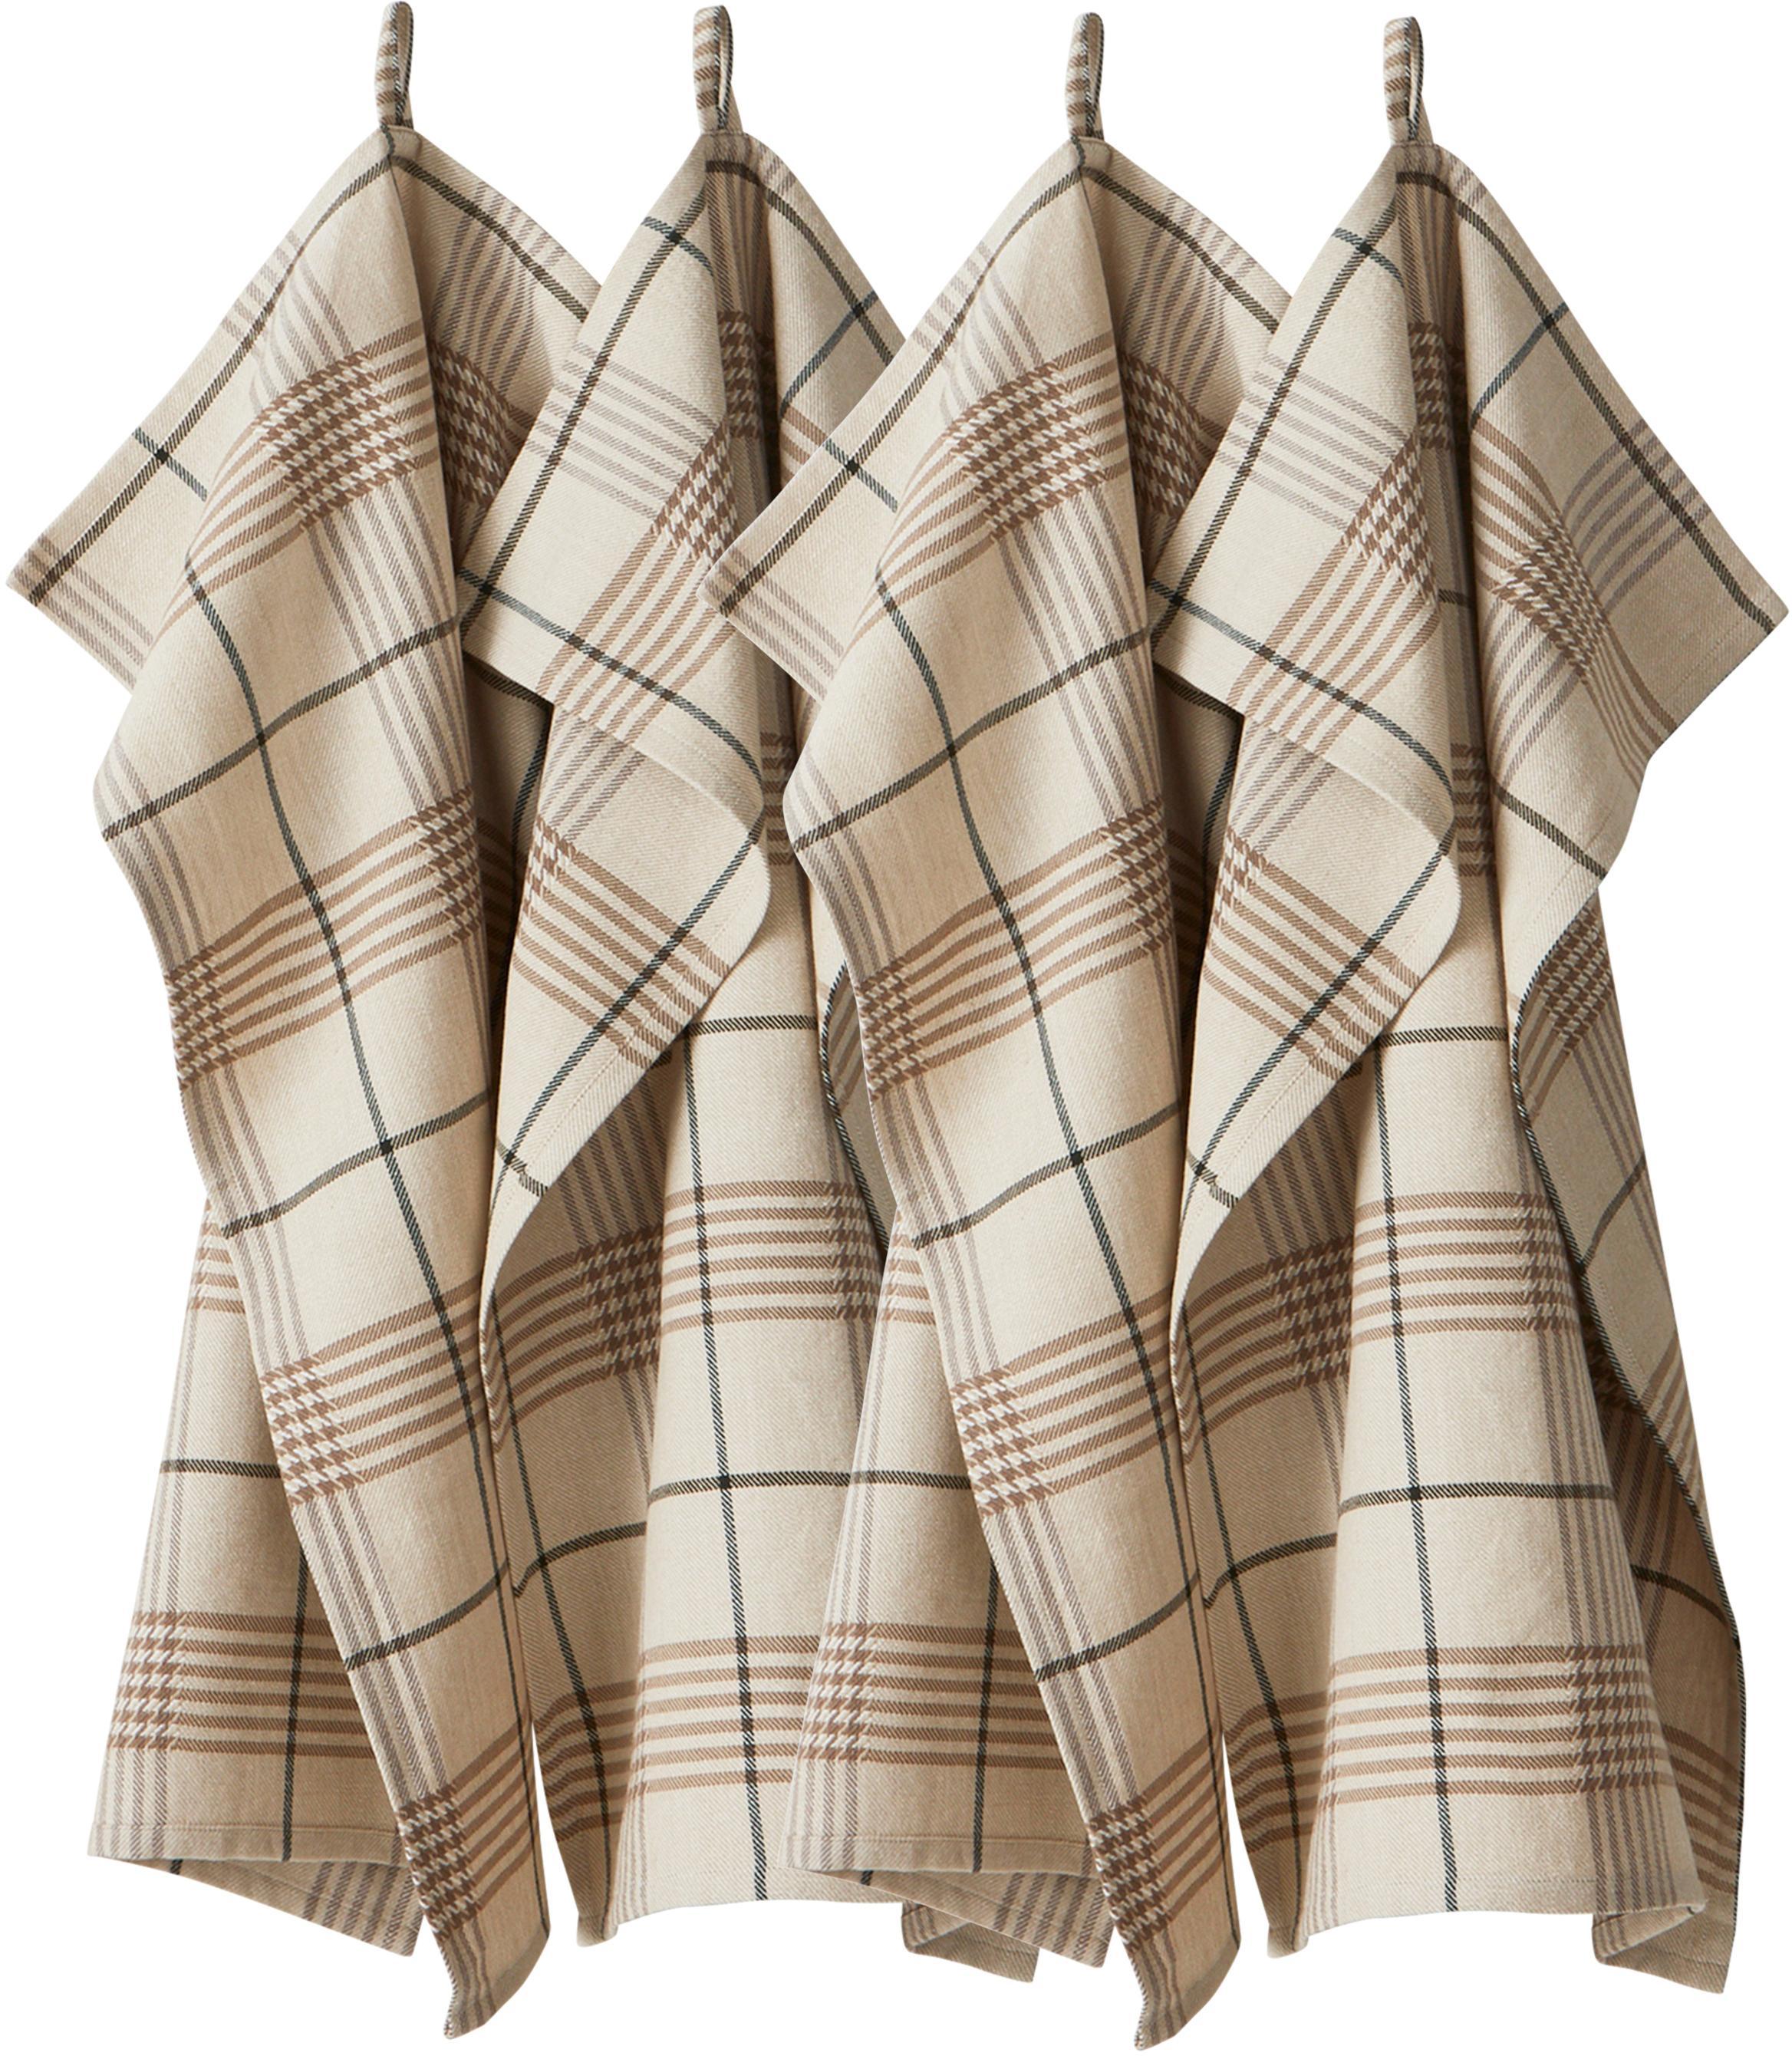 Paños de cocina Ellery, 4uds., 100%algodón de cultivos sostenible de algodón, Beige, tonos marrones, An 50 x L 70 cm